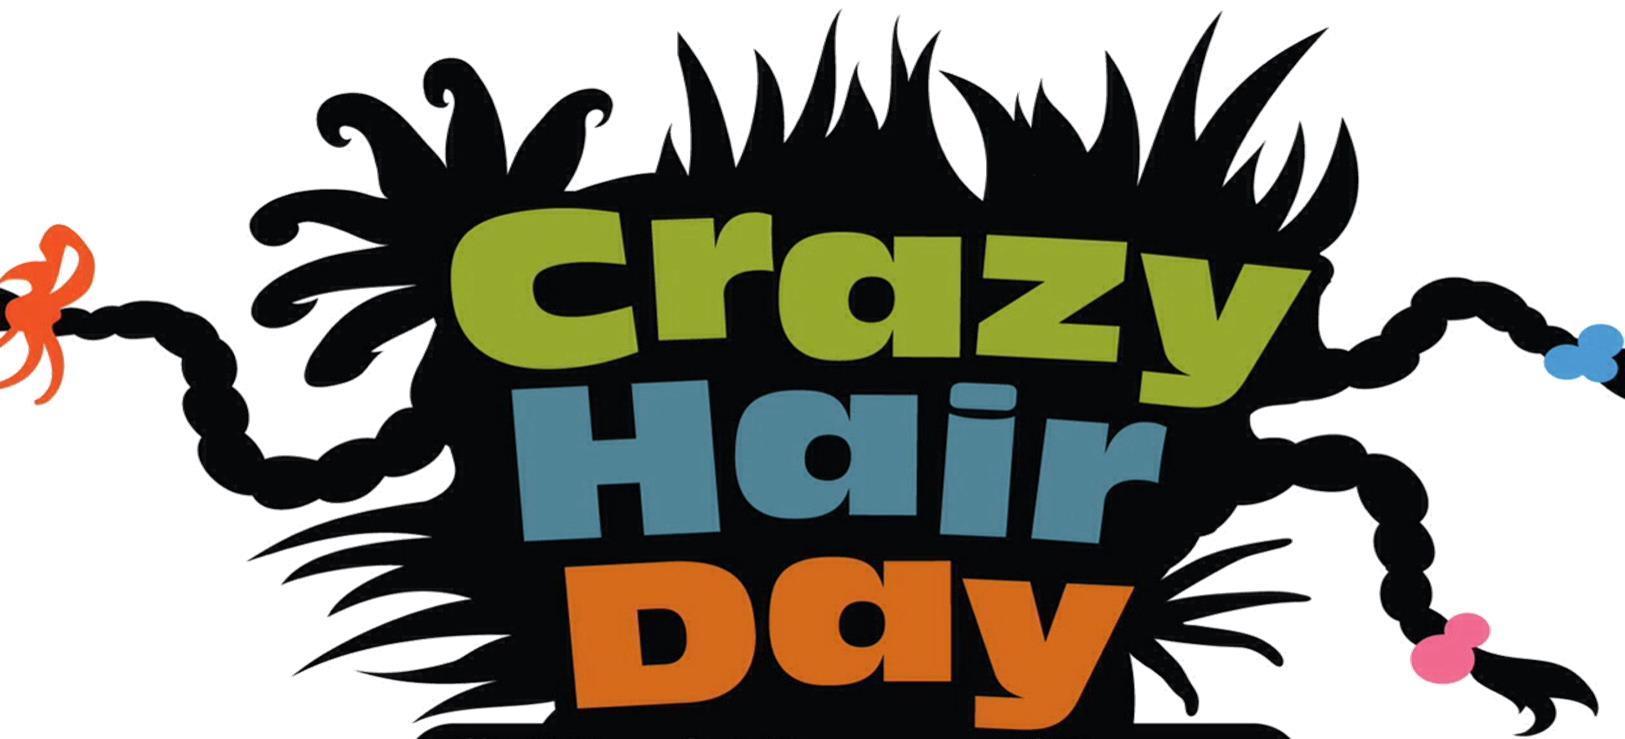 Hair clipart wacky hair Day Barringer crazy hair Hair